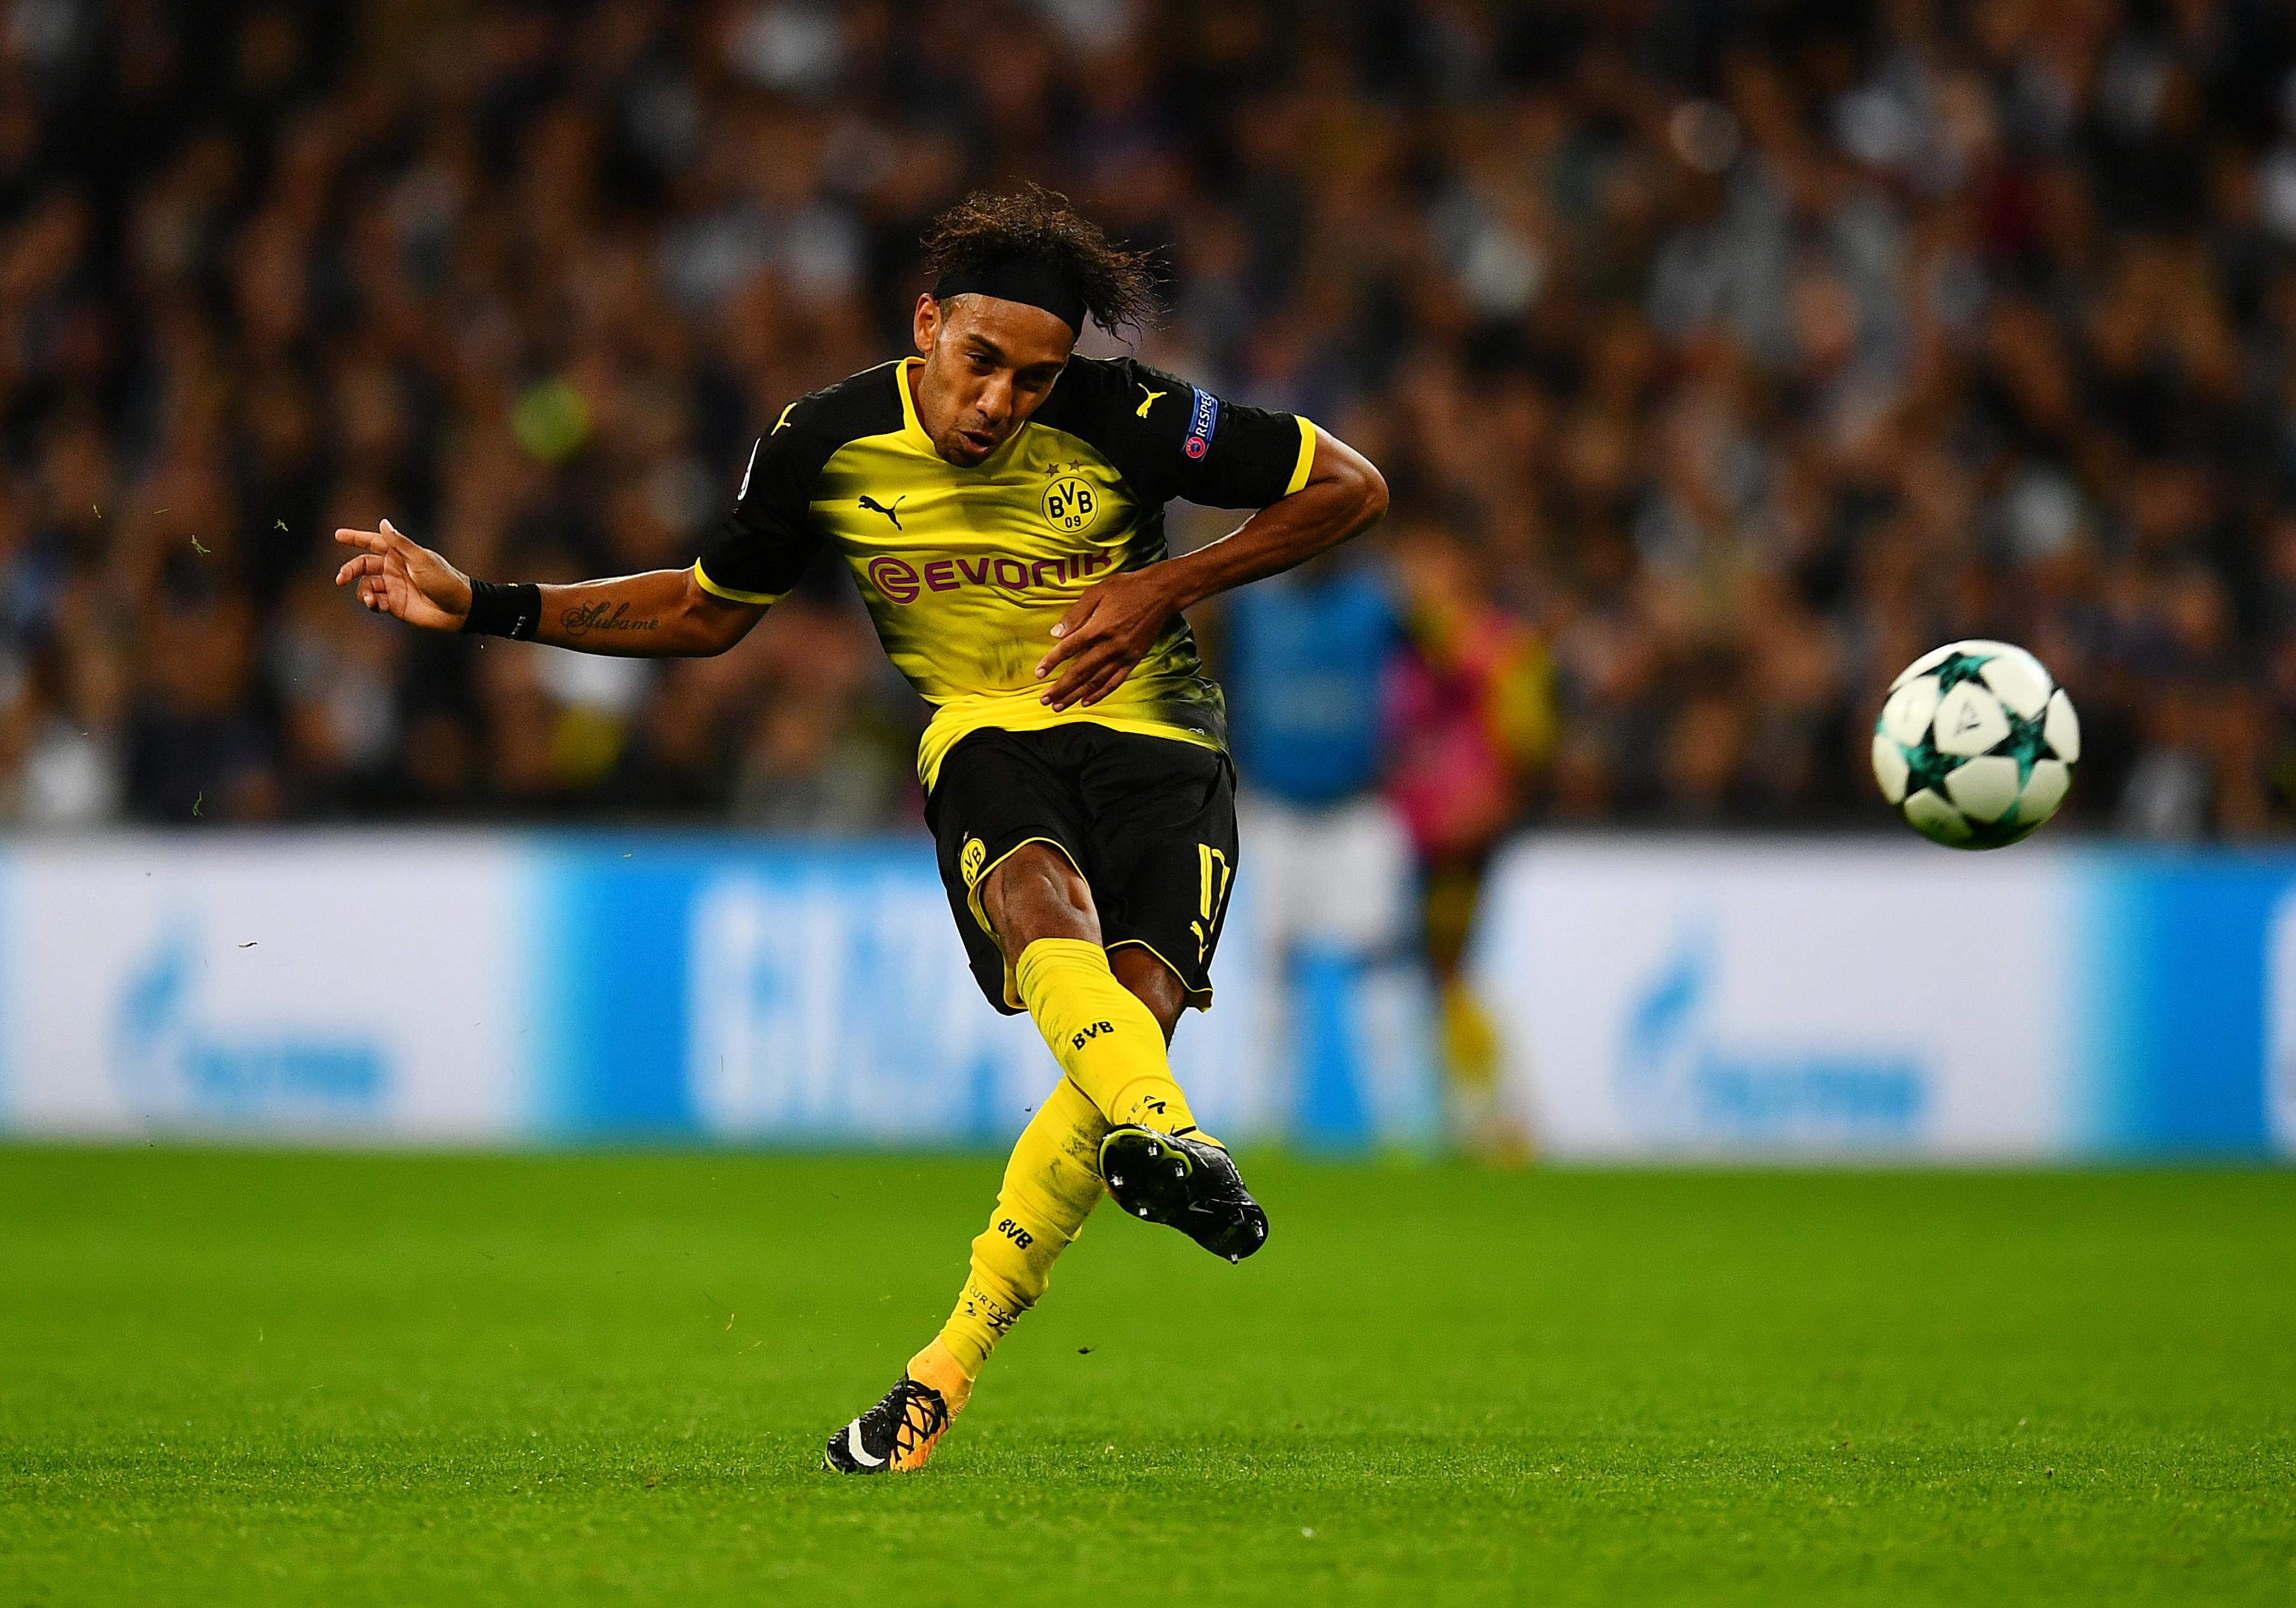 EN VIVO: El Dortmund se juega todo contra el Tottenham en la Champions League